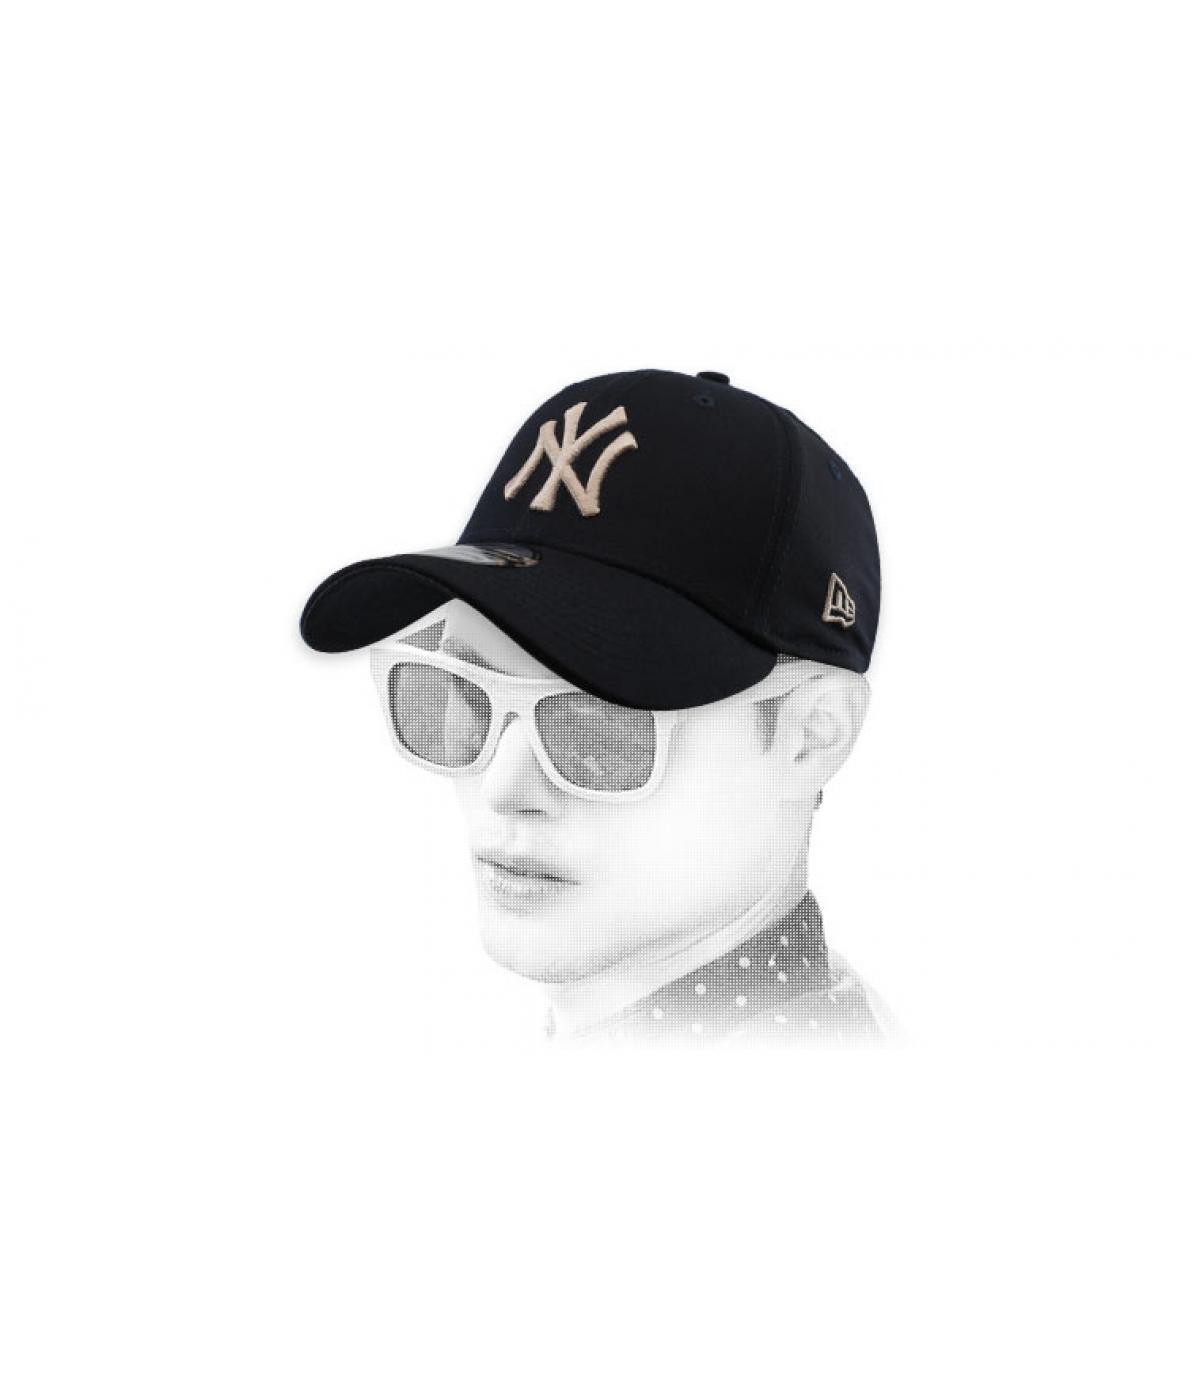 black NY cap stretch